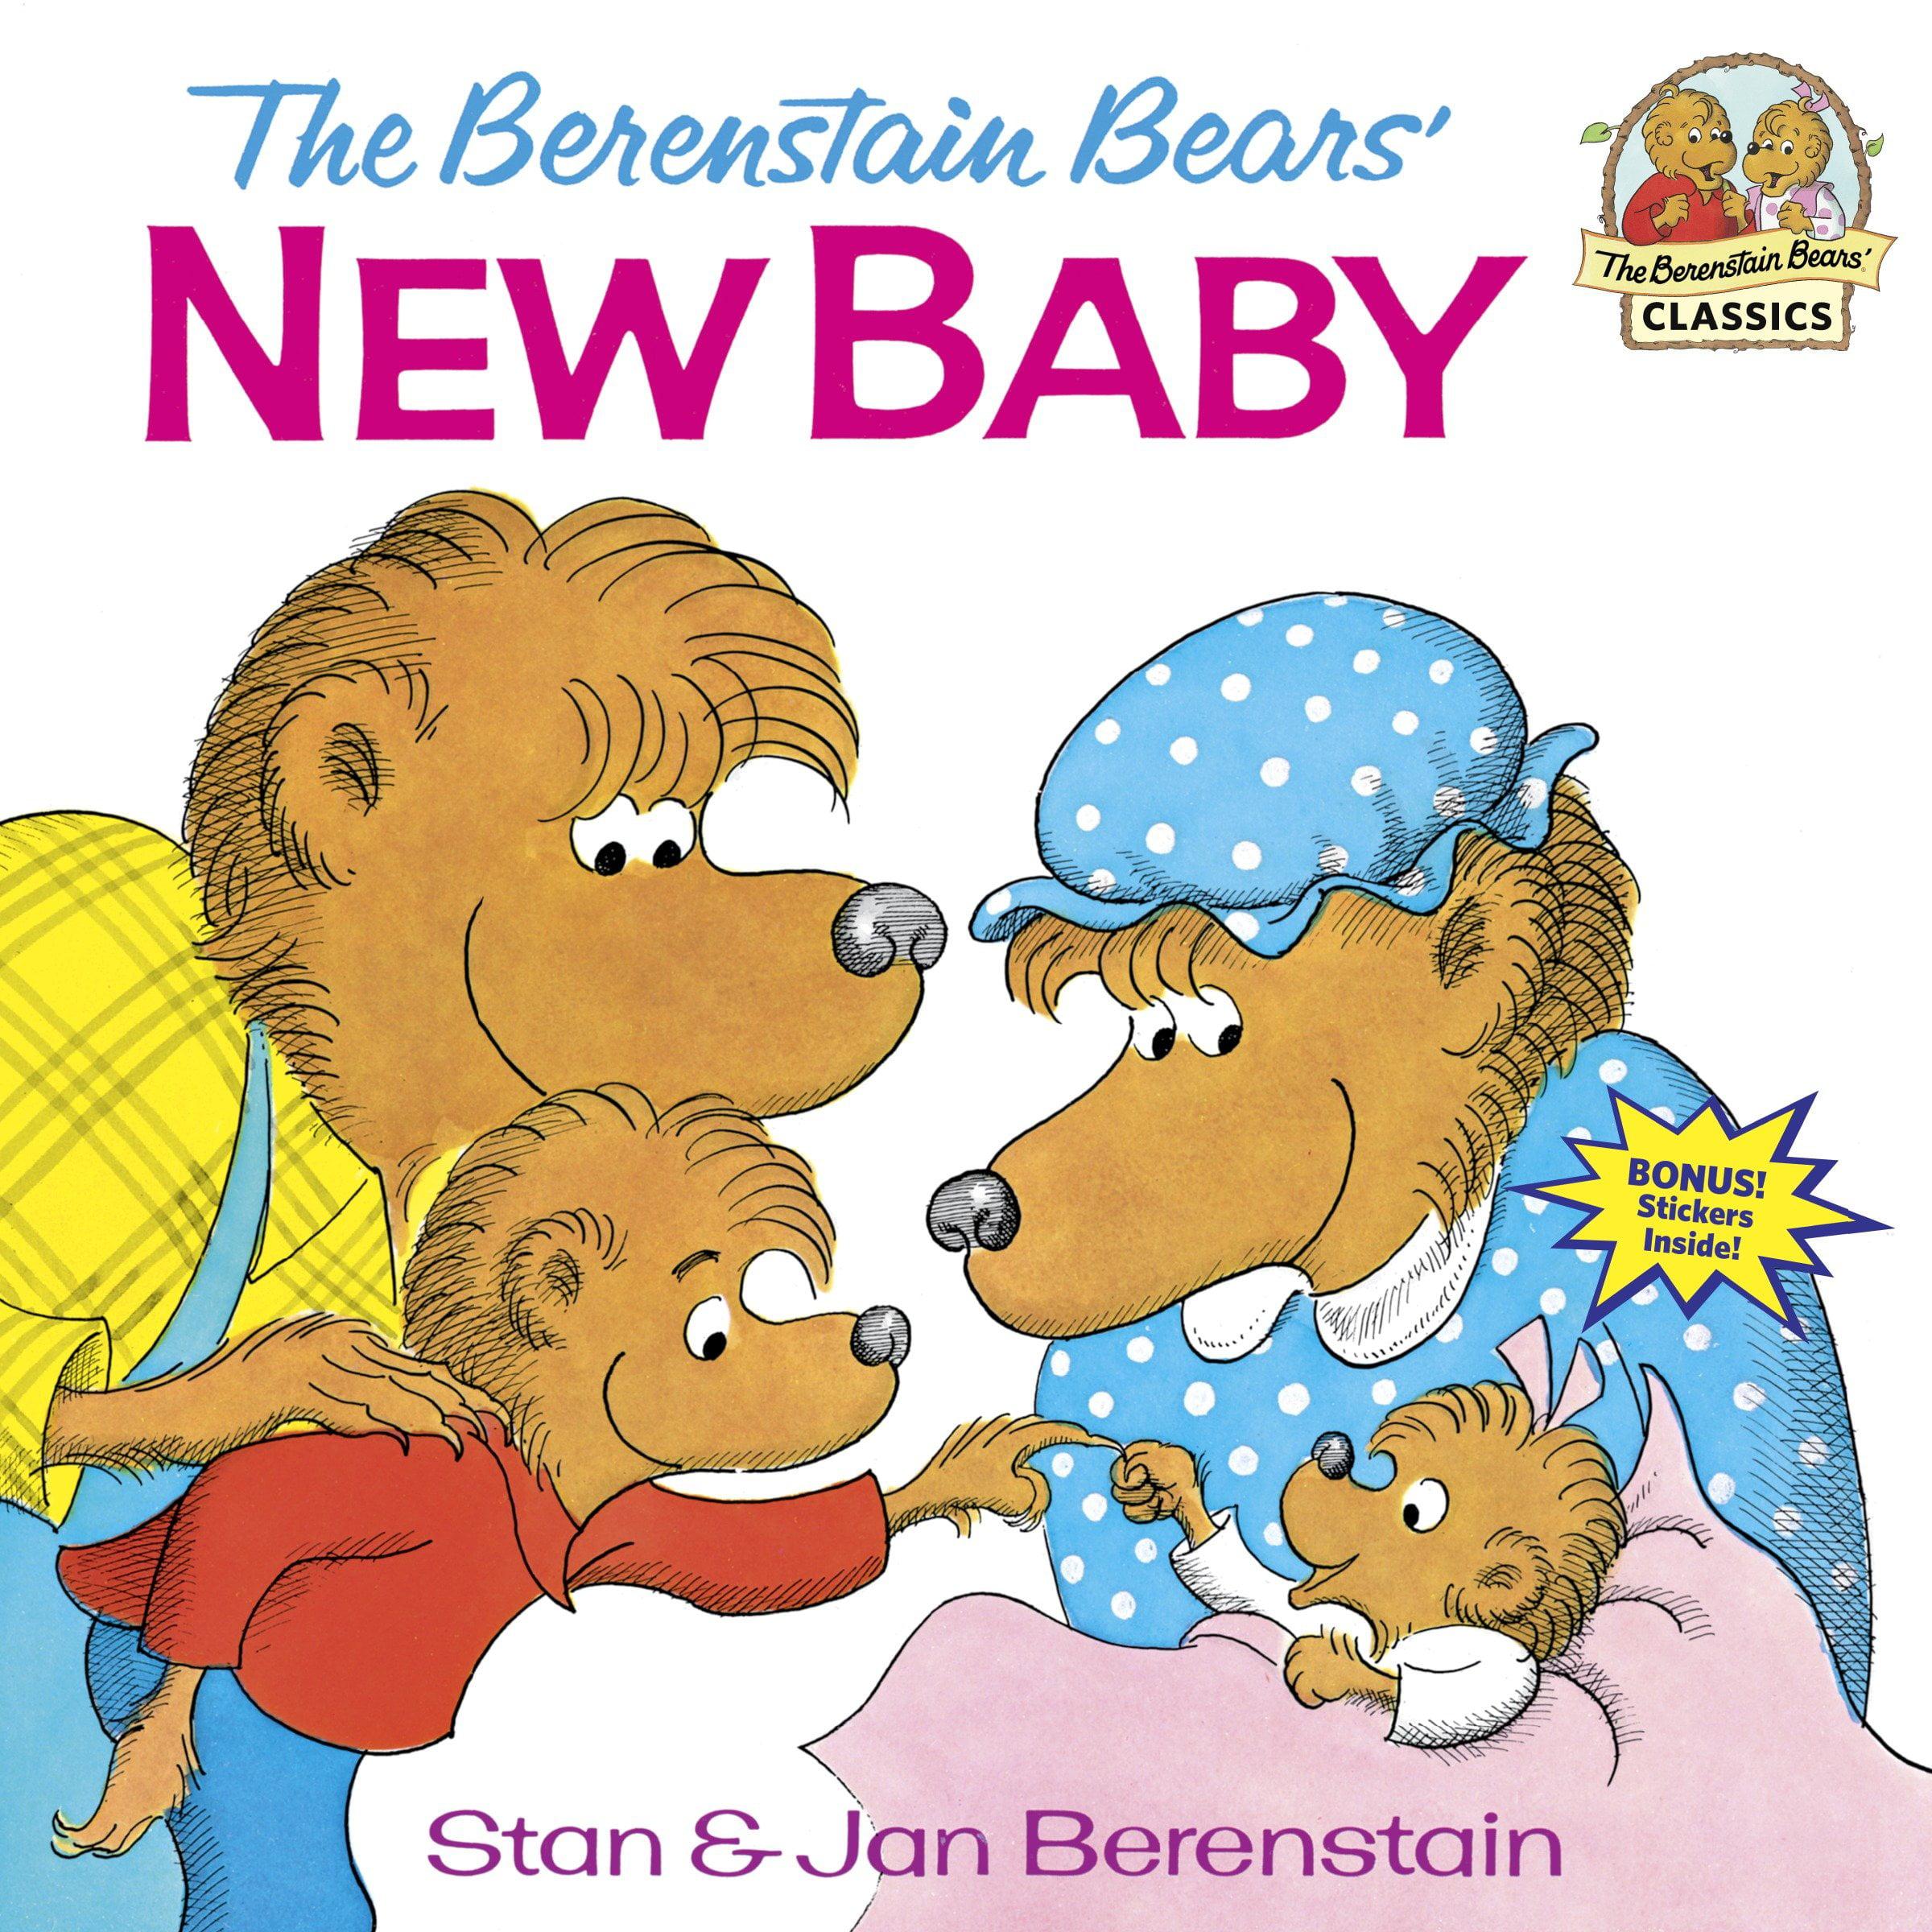 BERENSTAIN BEARS NEW BABY